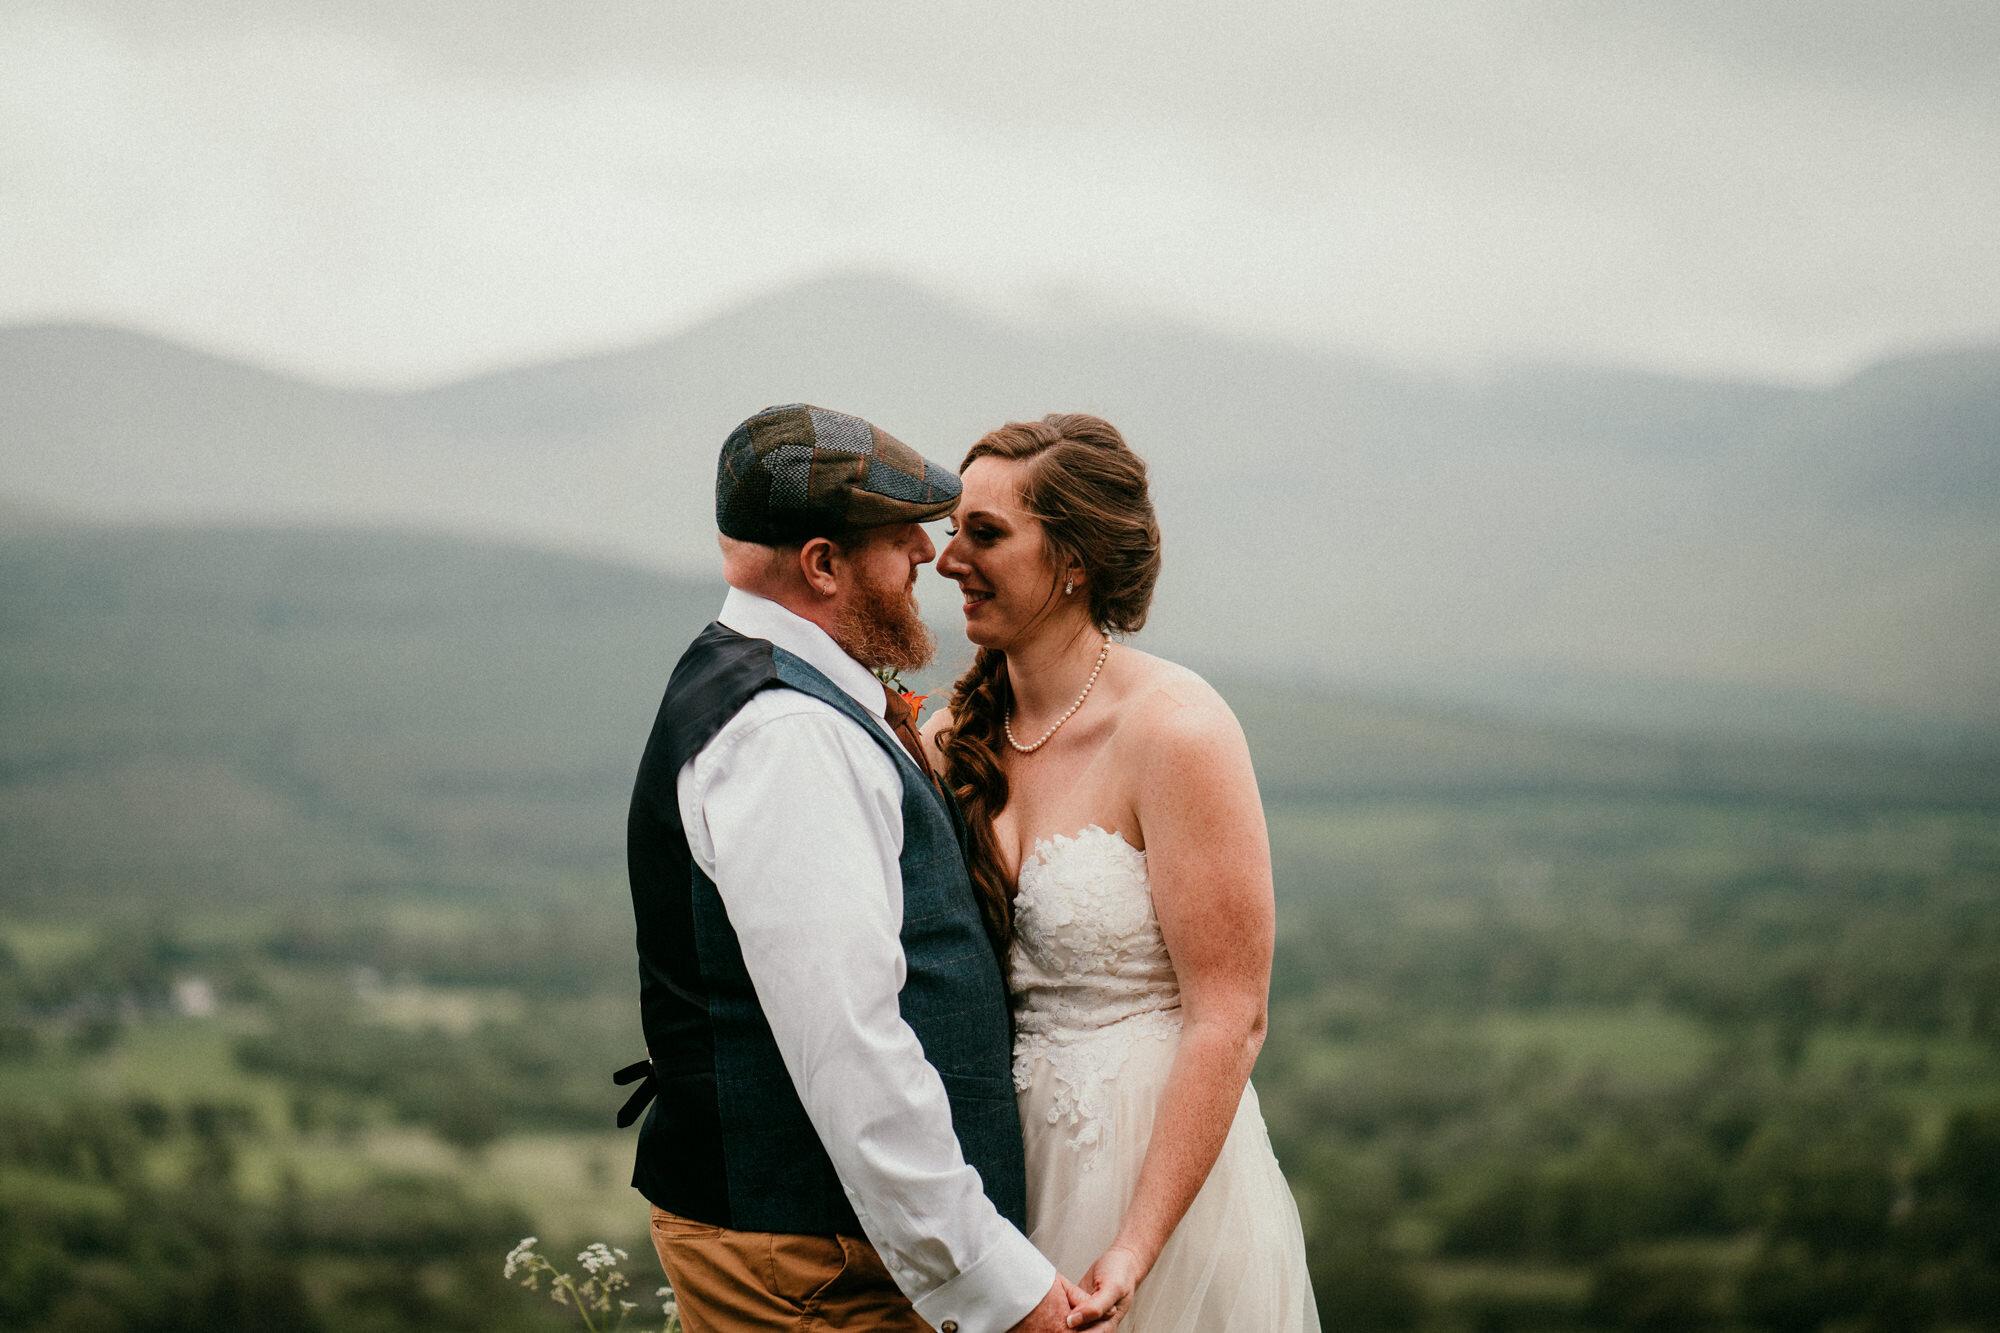 Northern Ireland Destination Wedding